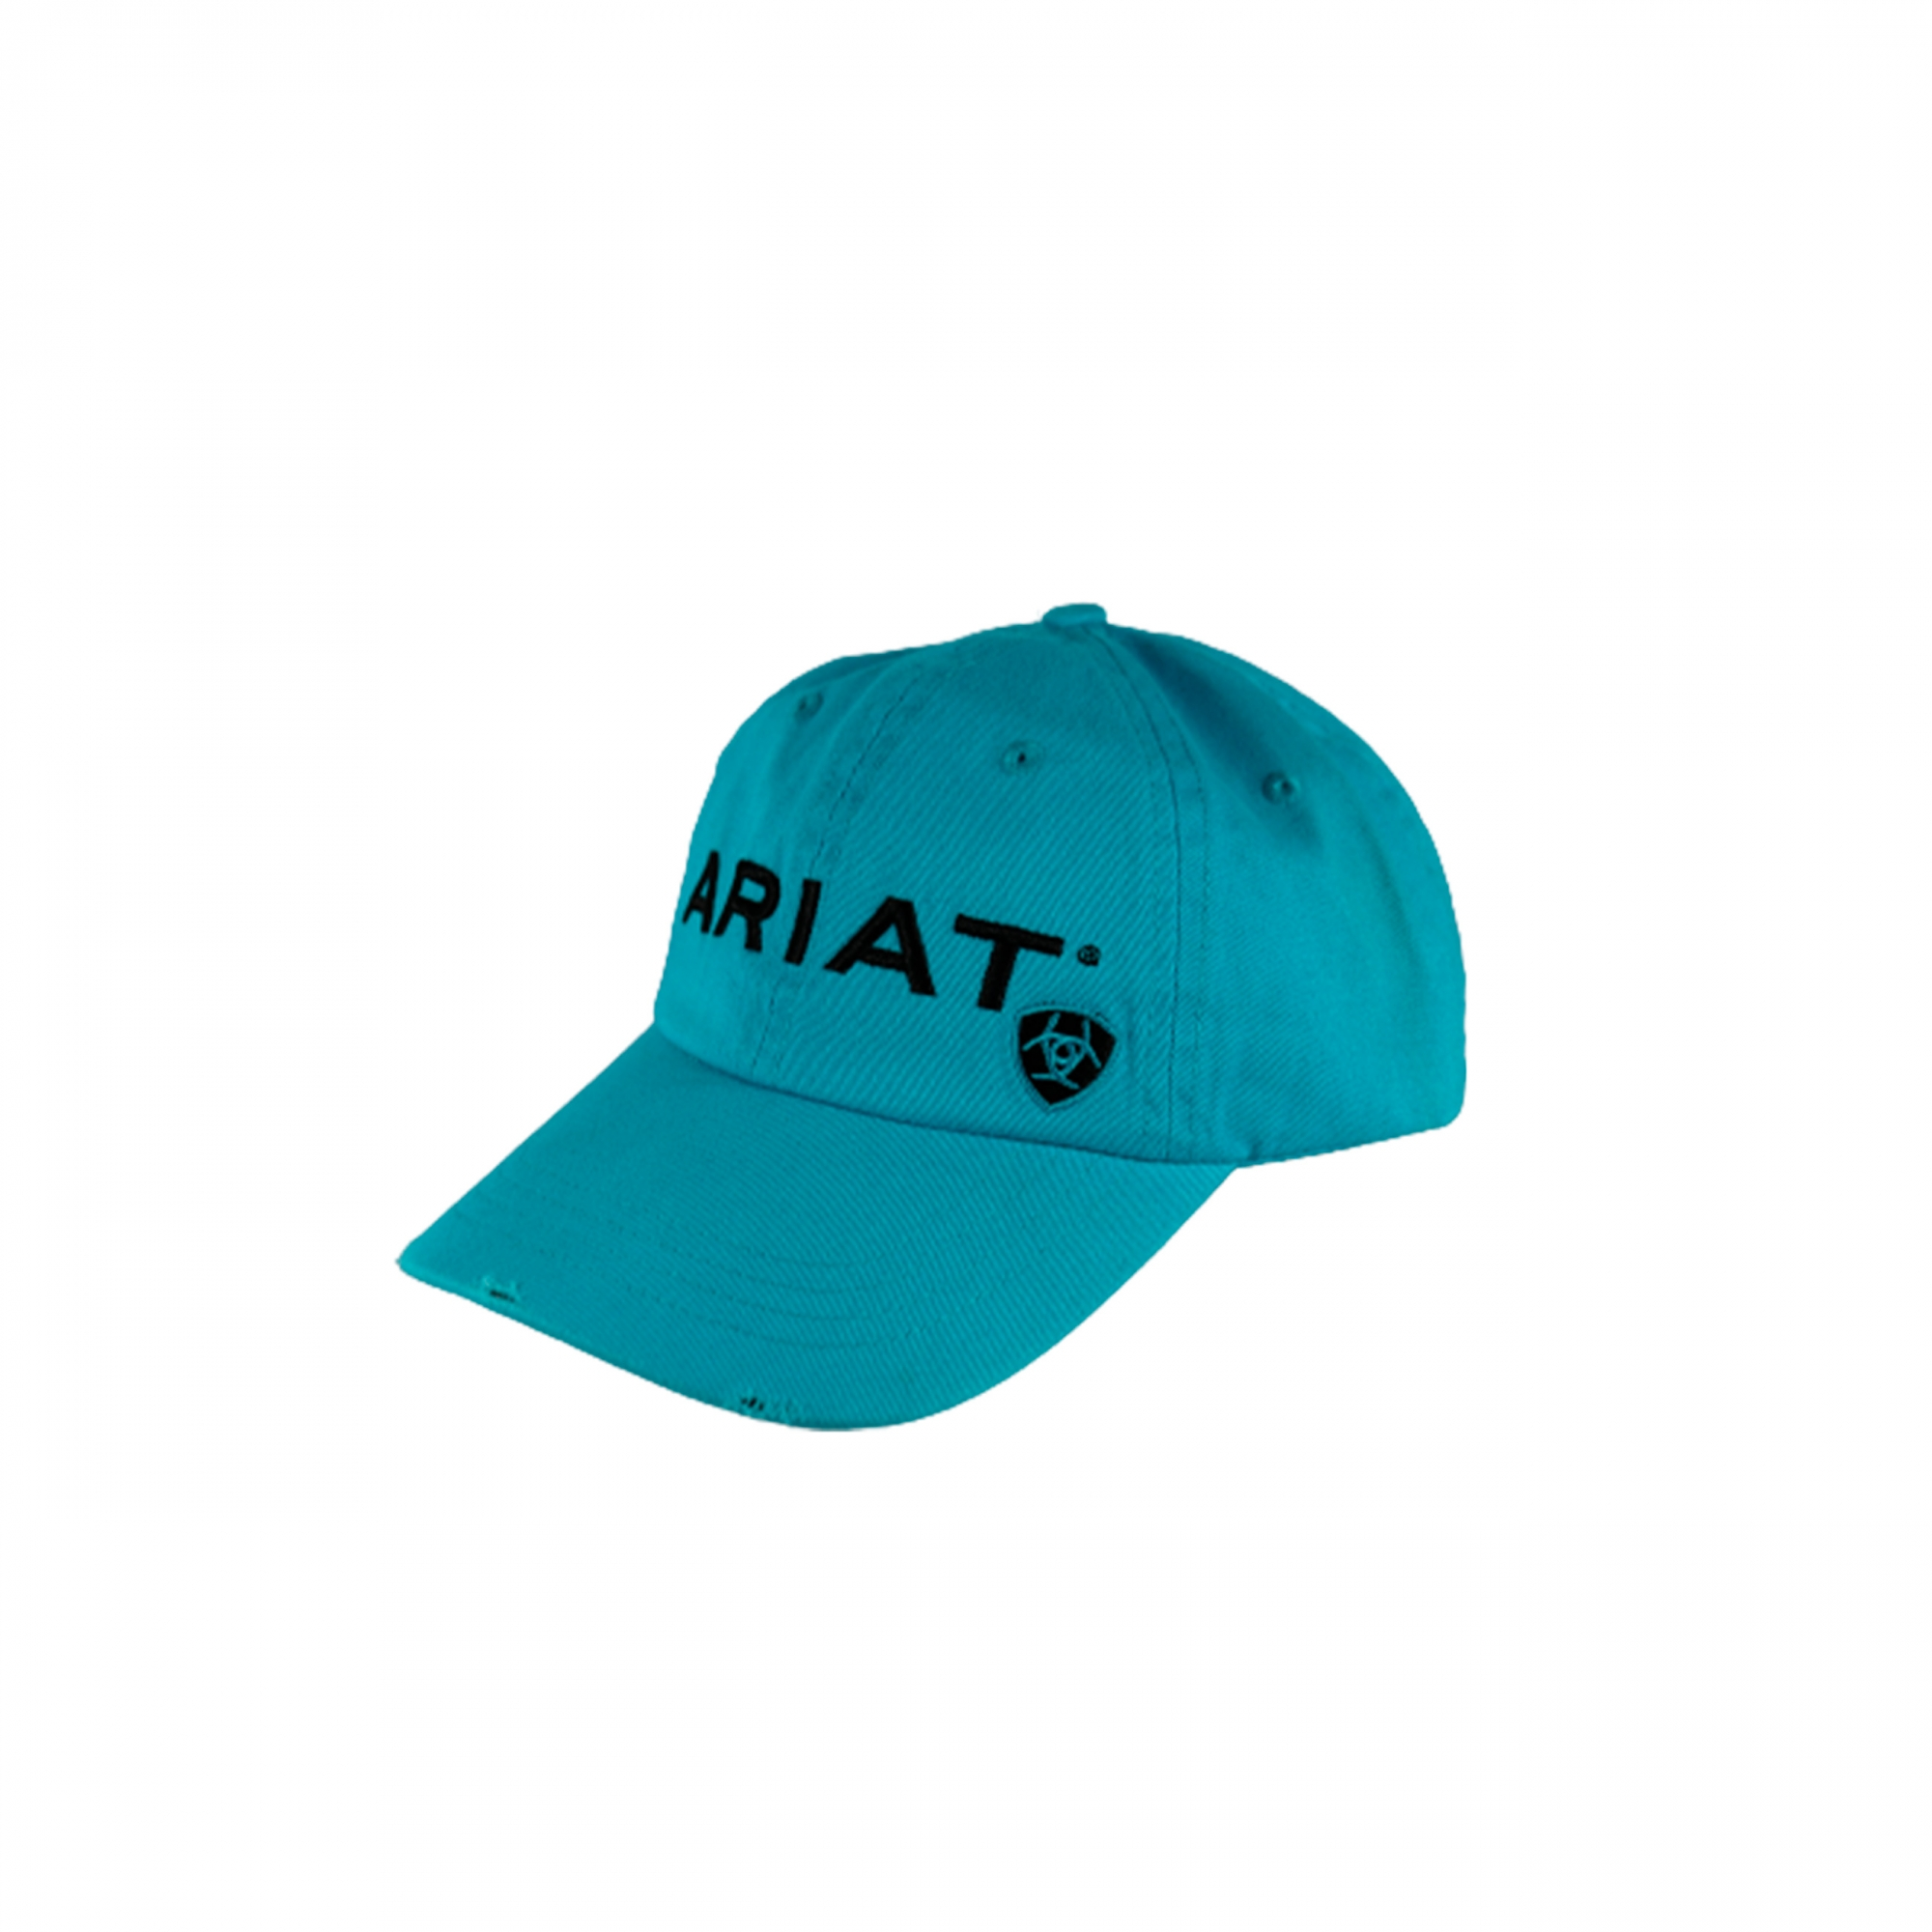 Boné Importado Ariat Azul Ariat002